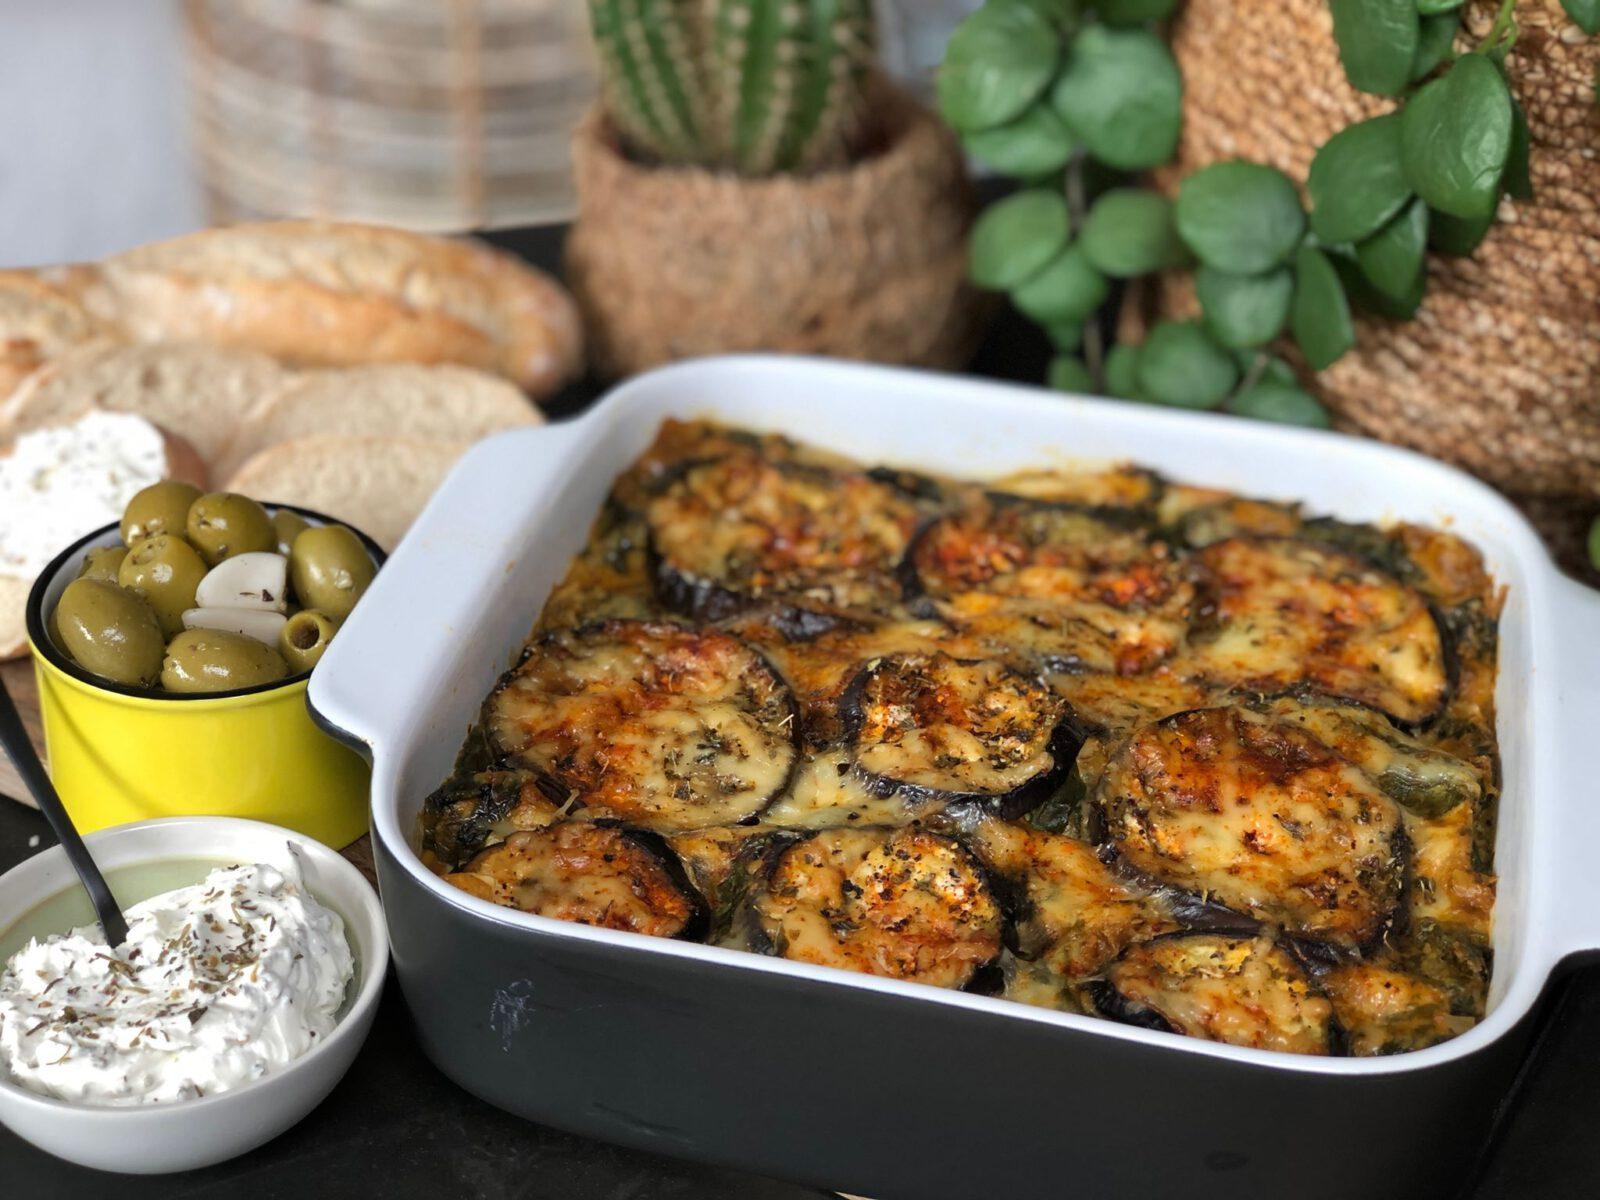 vegetarische lasagne met aubergine en spinazie - Familie over de kook